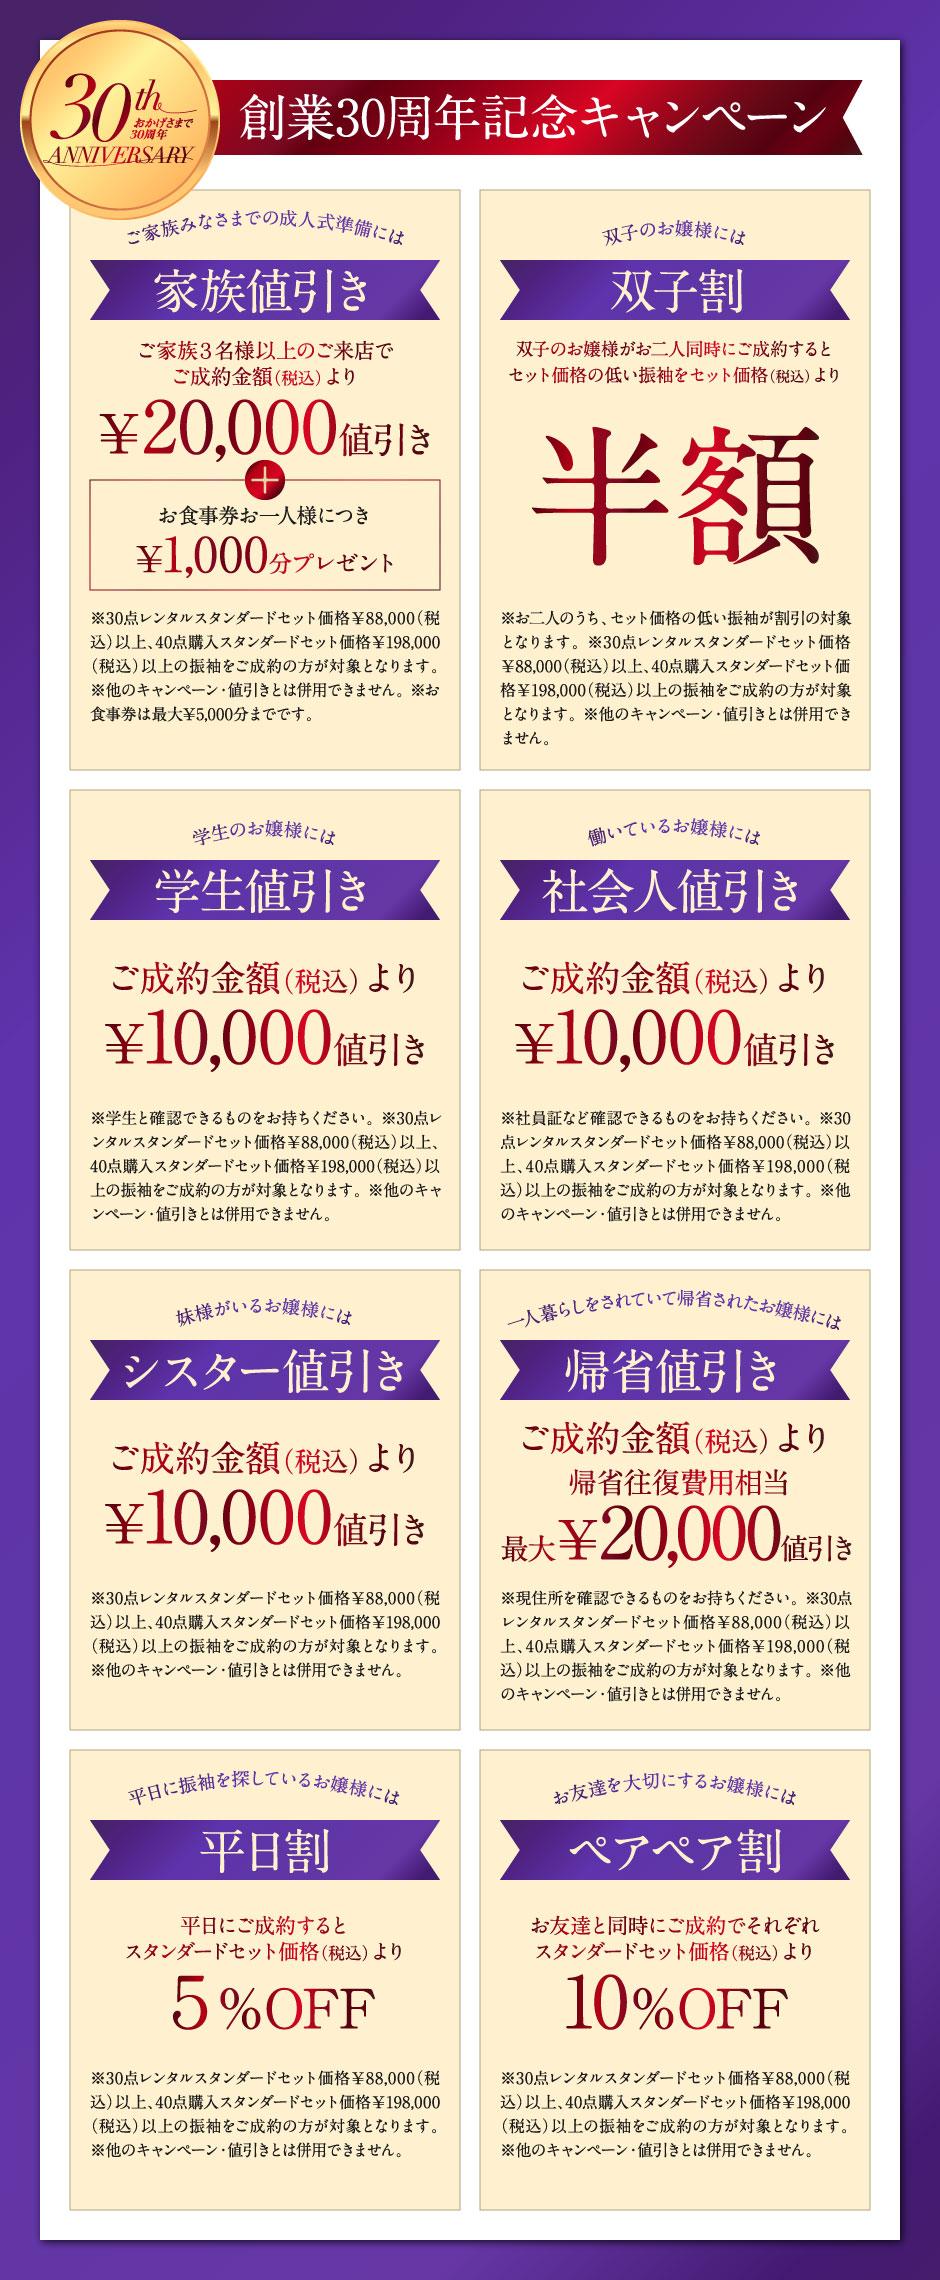 創業30周年記念キャンペーンお値引き